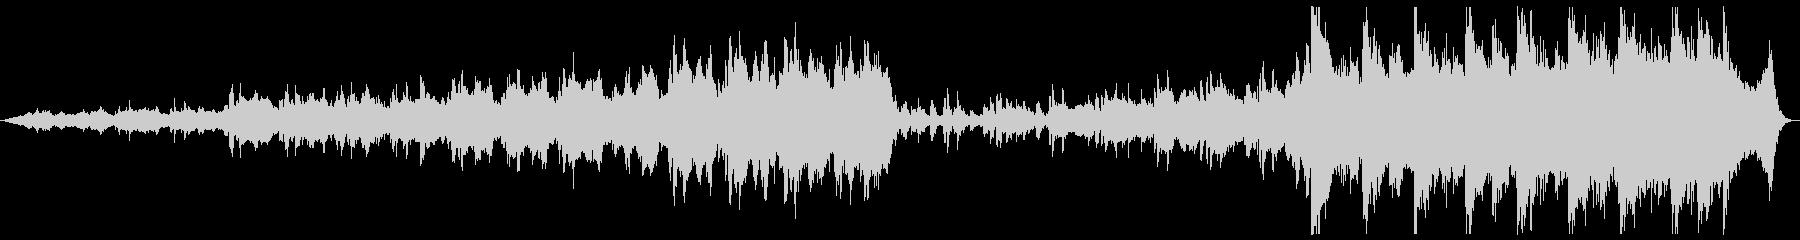 シネマチック 管弦 雄大 ファンタジーの未再生の波形